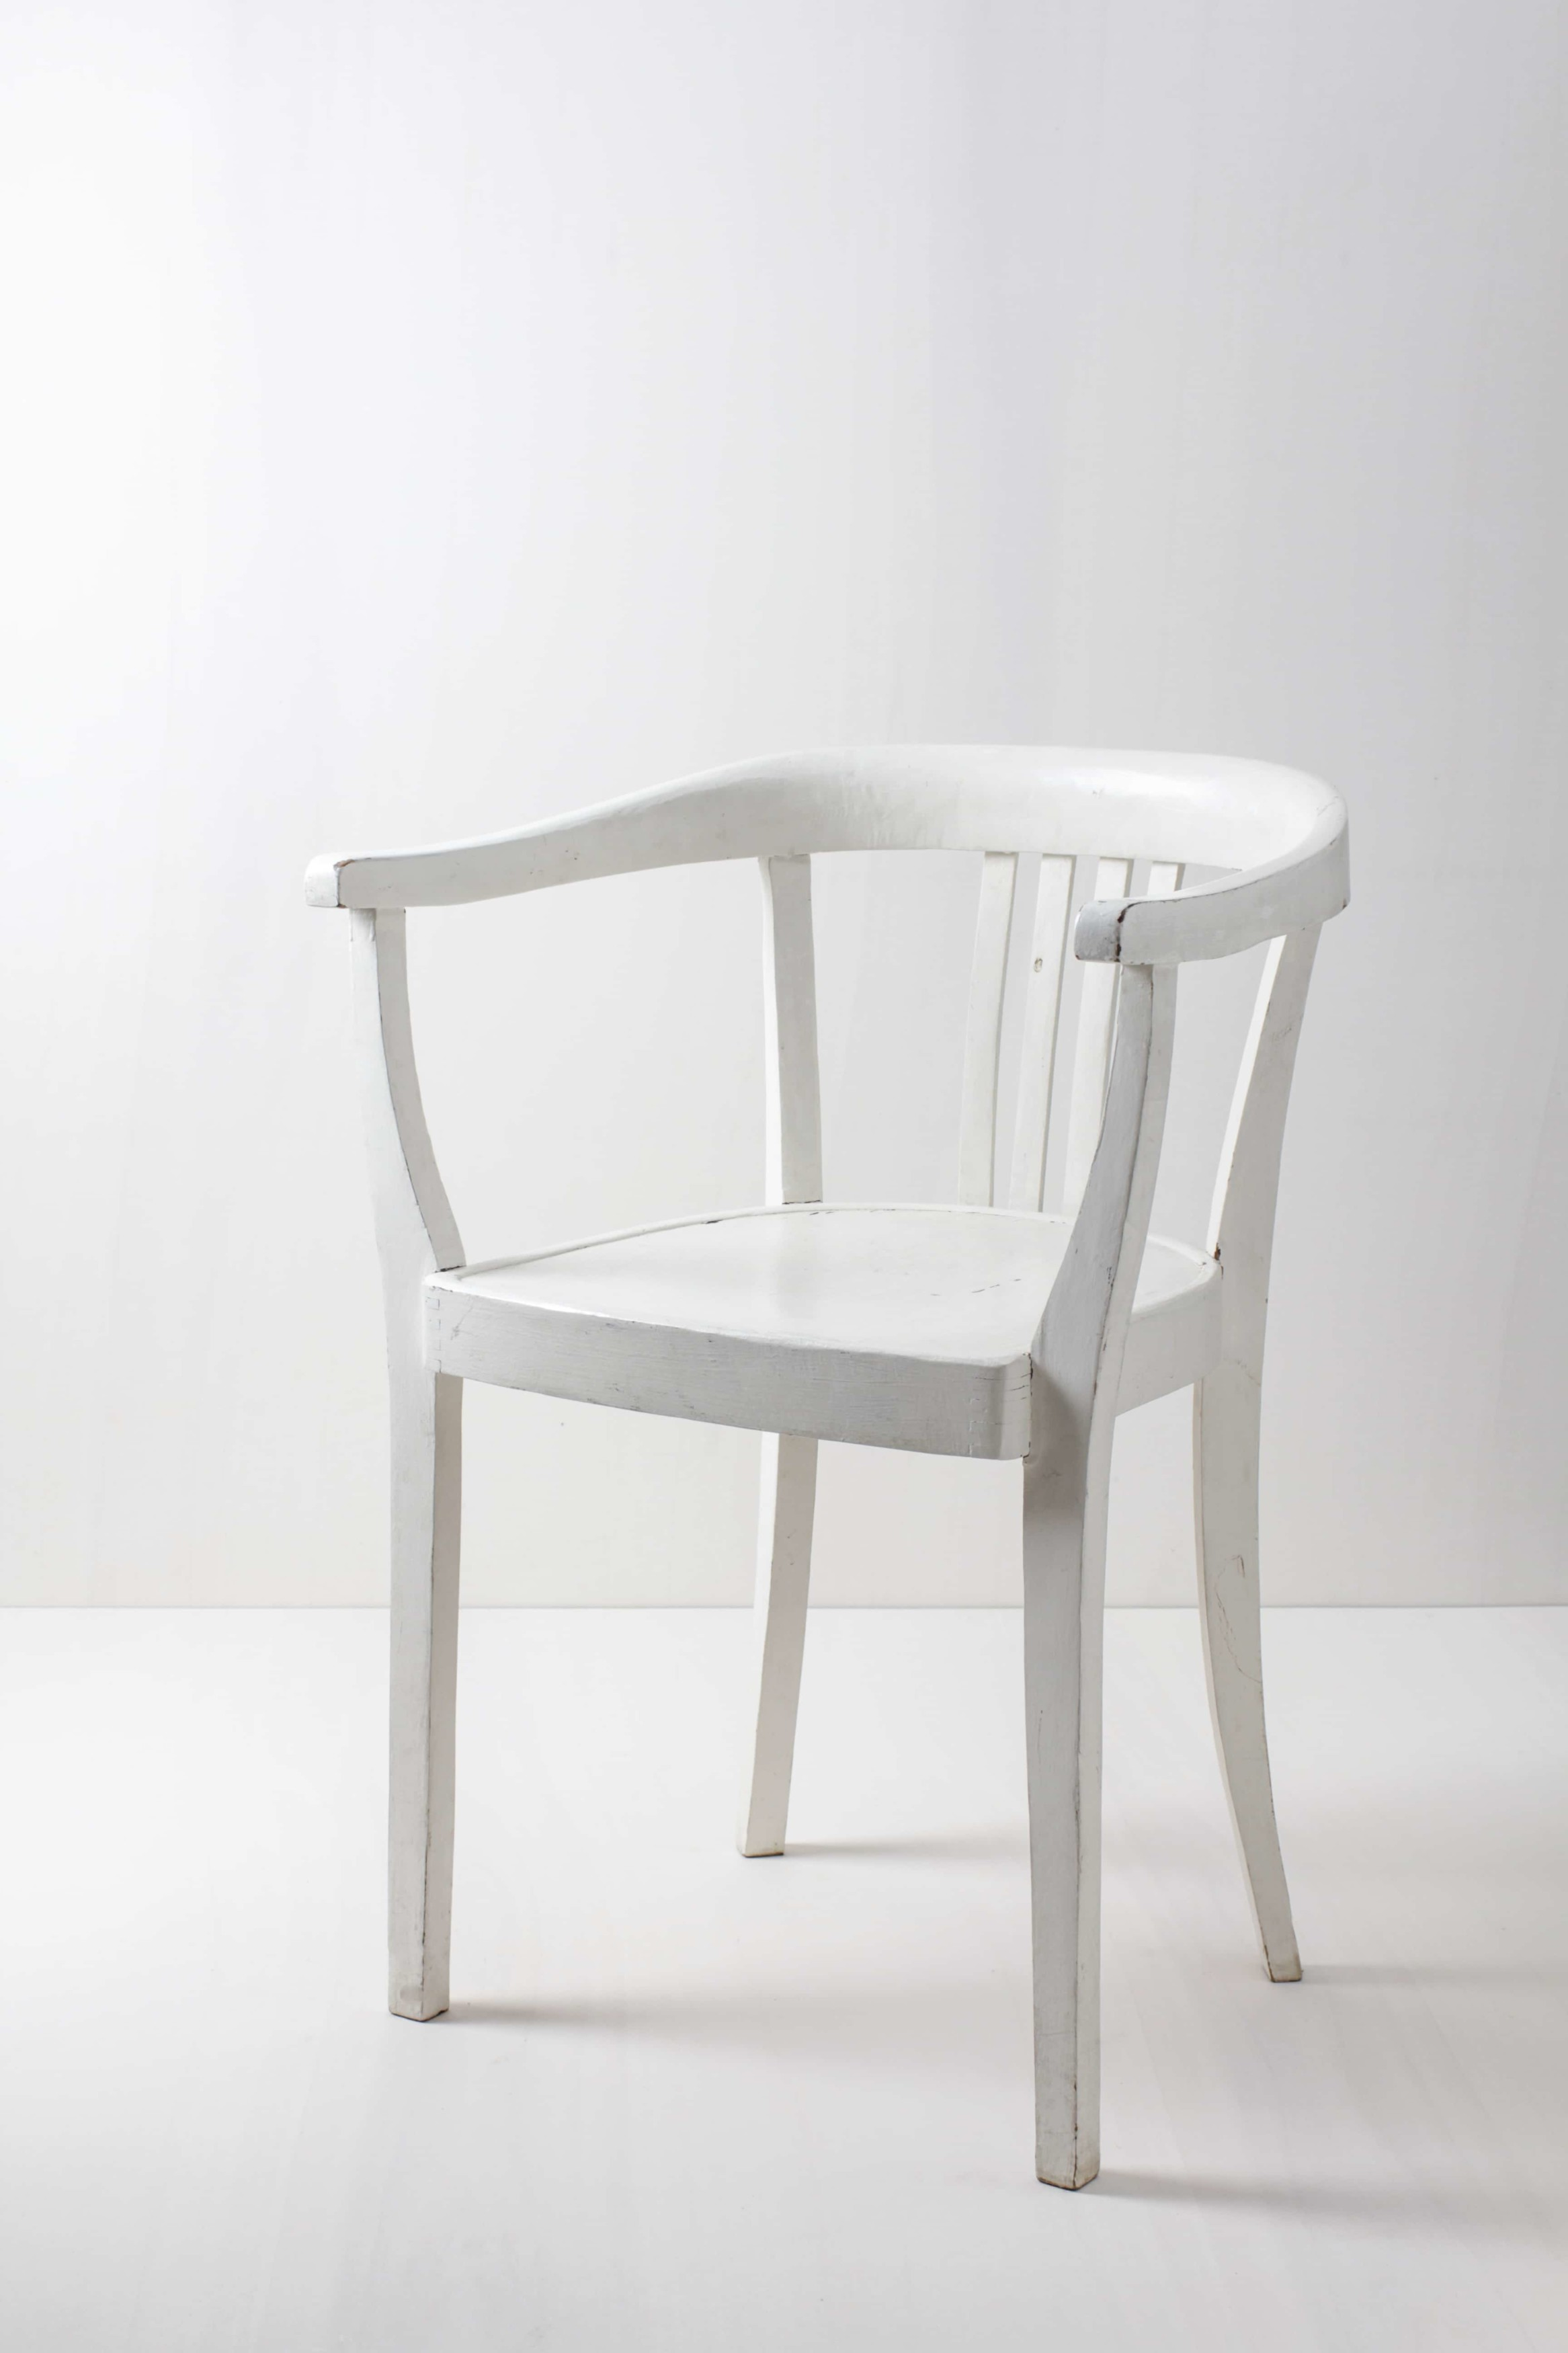 Hochzeitsdekoration mit weissen Stühlen. Sehen fast wie Crossback Stühle aus.